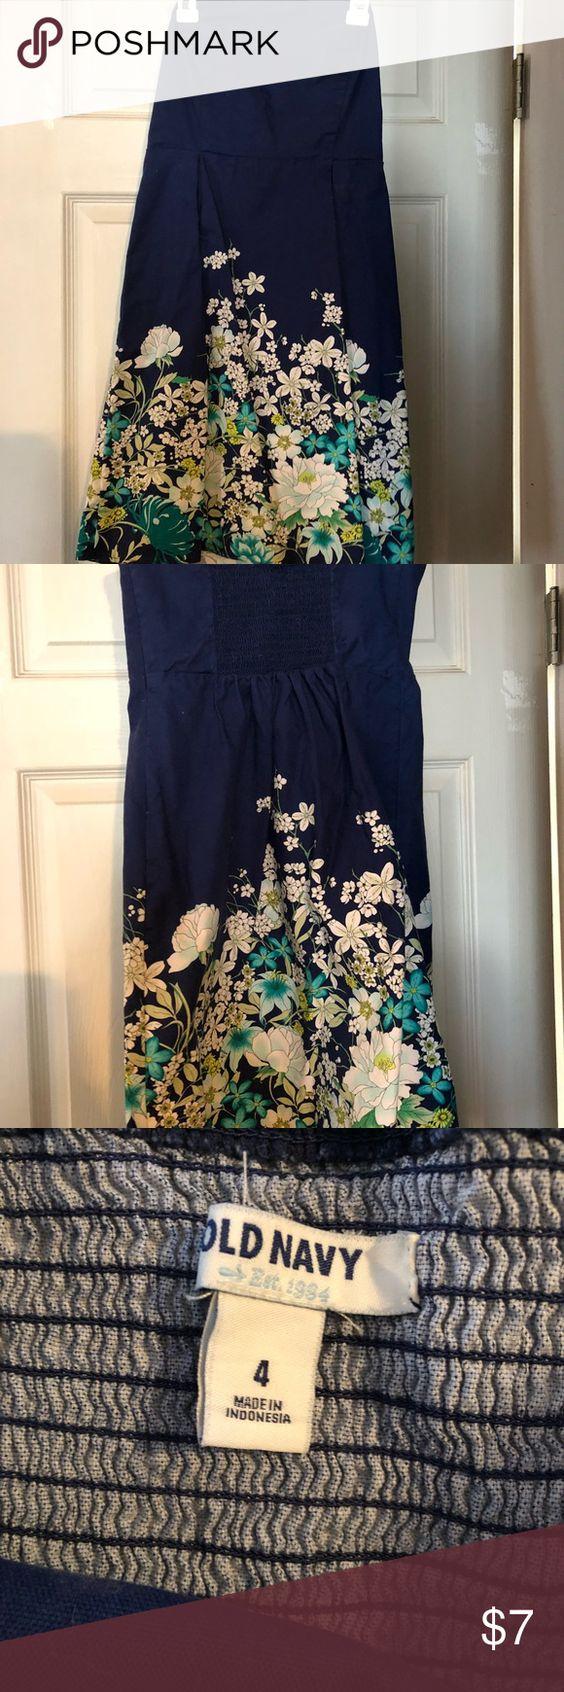 Spring Floral Old Navy Strapless Dress Floral Print Old Navy Strapless Dress Dress Is Navy Blue Dre Strapless Floral Dress Floral Print Dress Strapless Dress [ 1692 x 564 Pixel ]